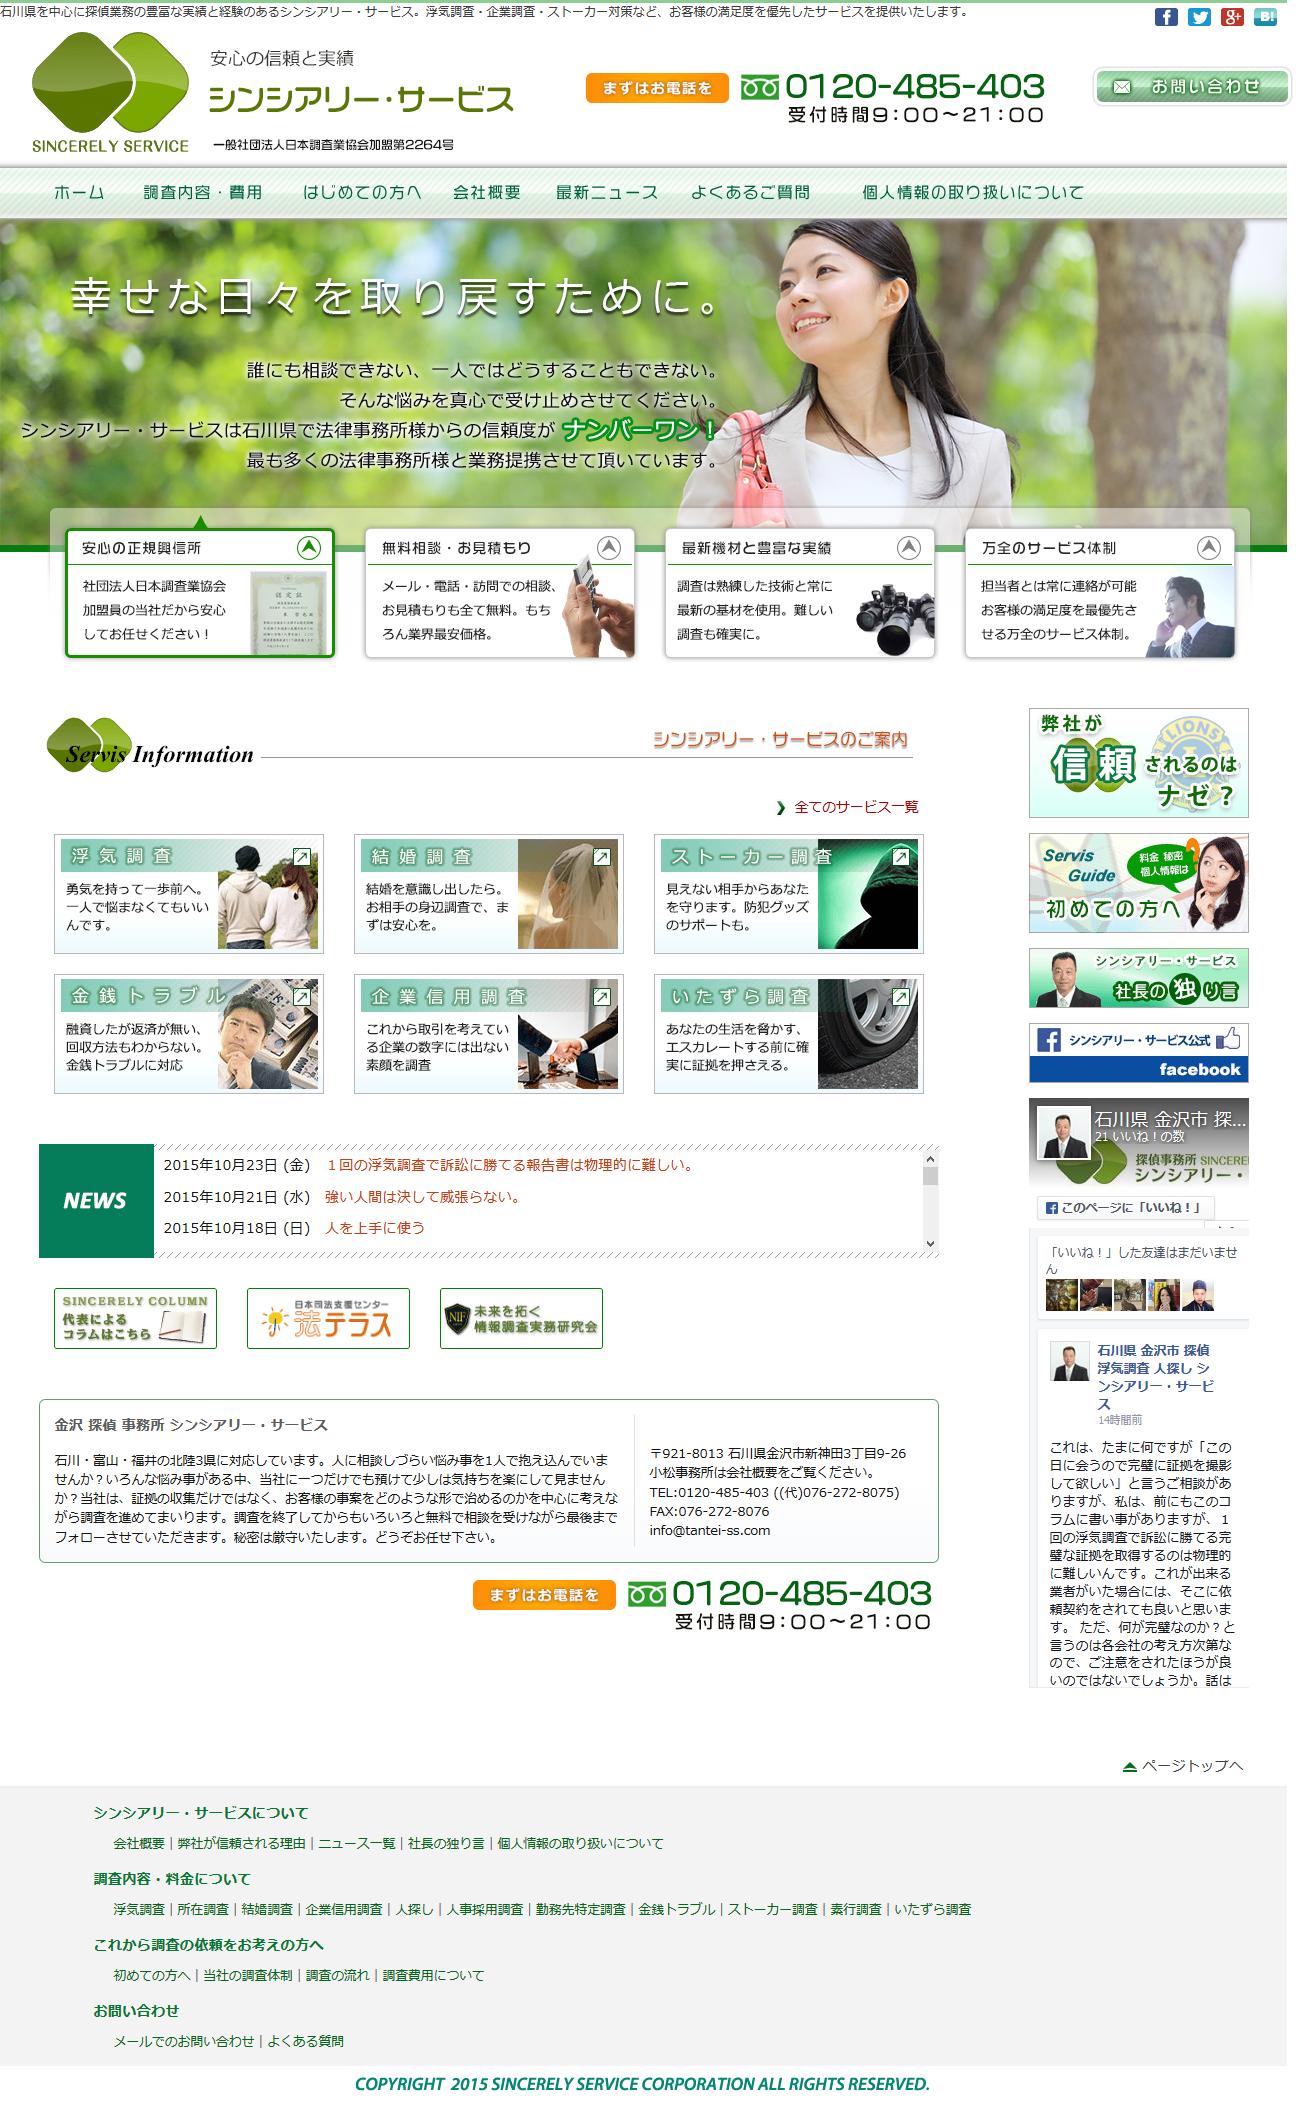 シンシアリー・サービストップページ=石川県・金沢市を中心に浮気調査・素行調査など探偵業を展開しています